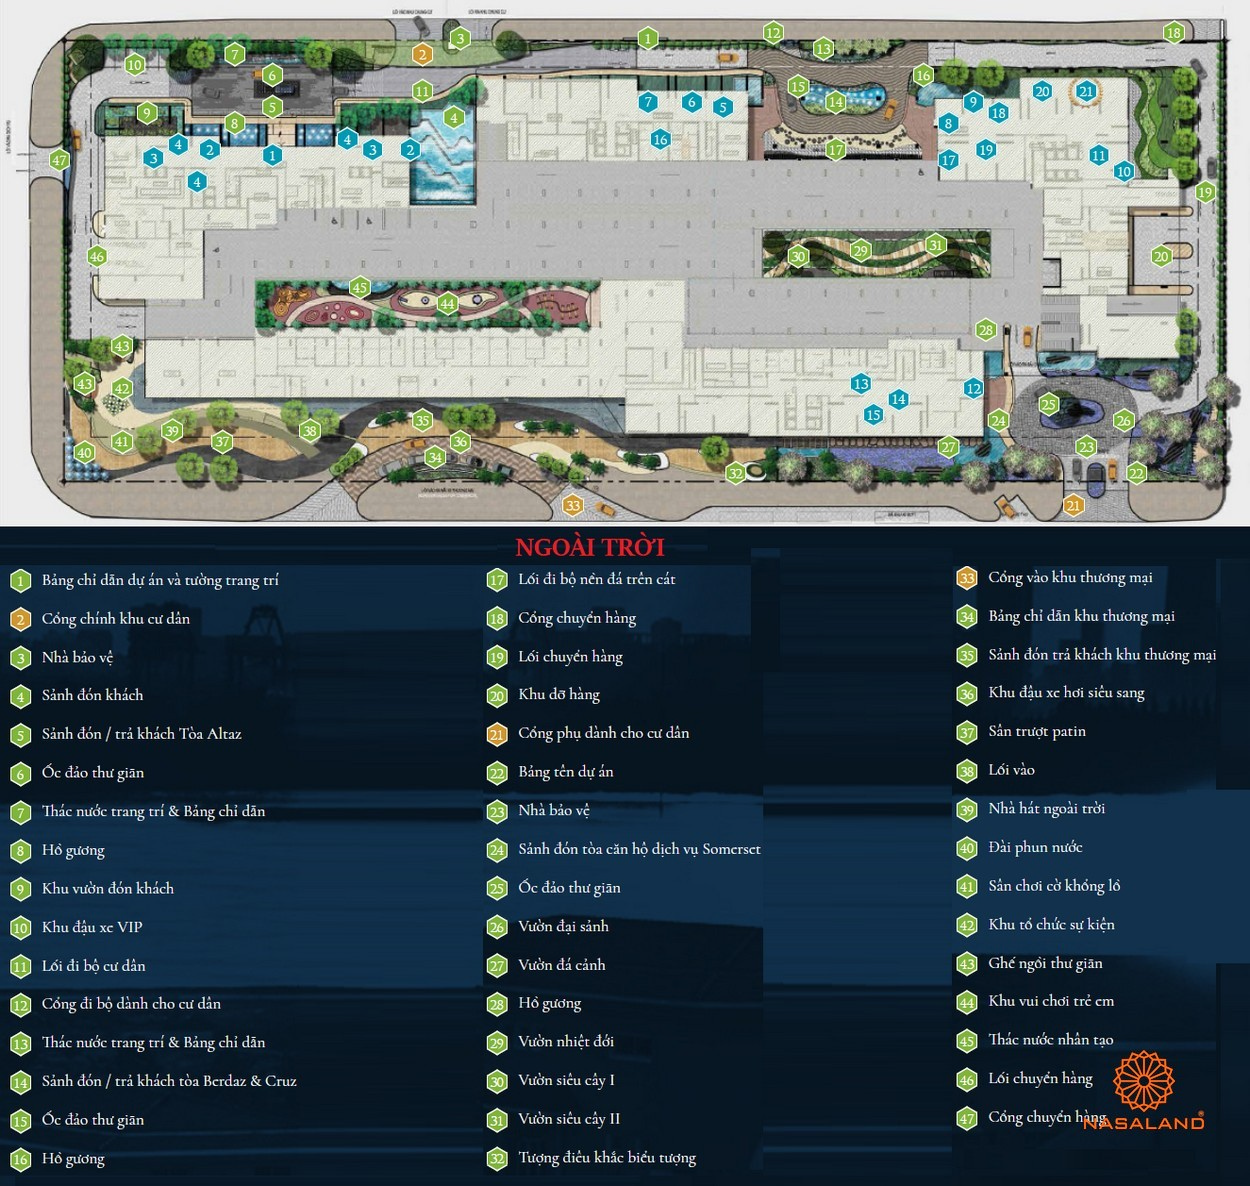 Mặt bằng dự án căn hộ Feliz en Vista Quận 2 đường Phan Văn Đáng chủ đầu tư CapitaLand